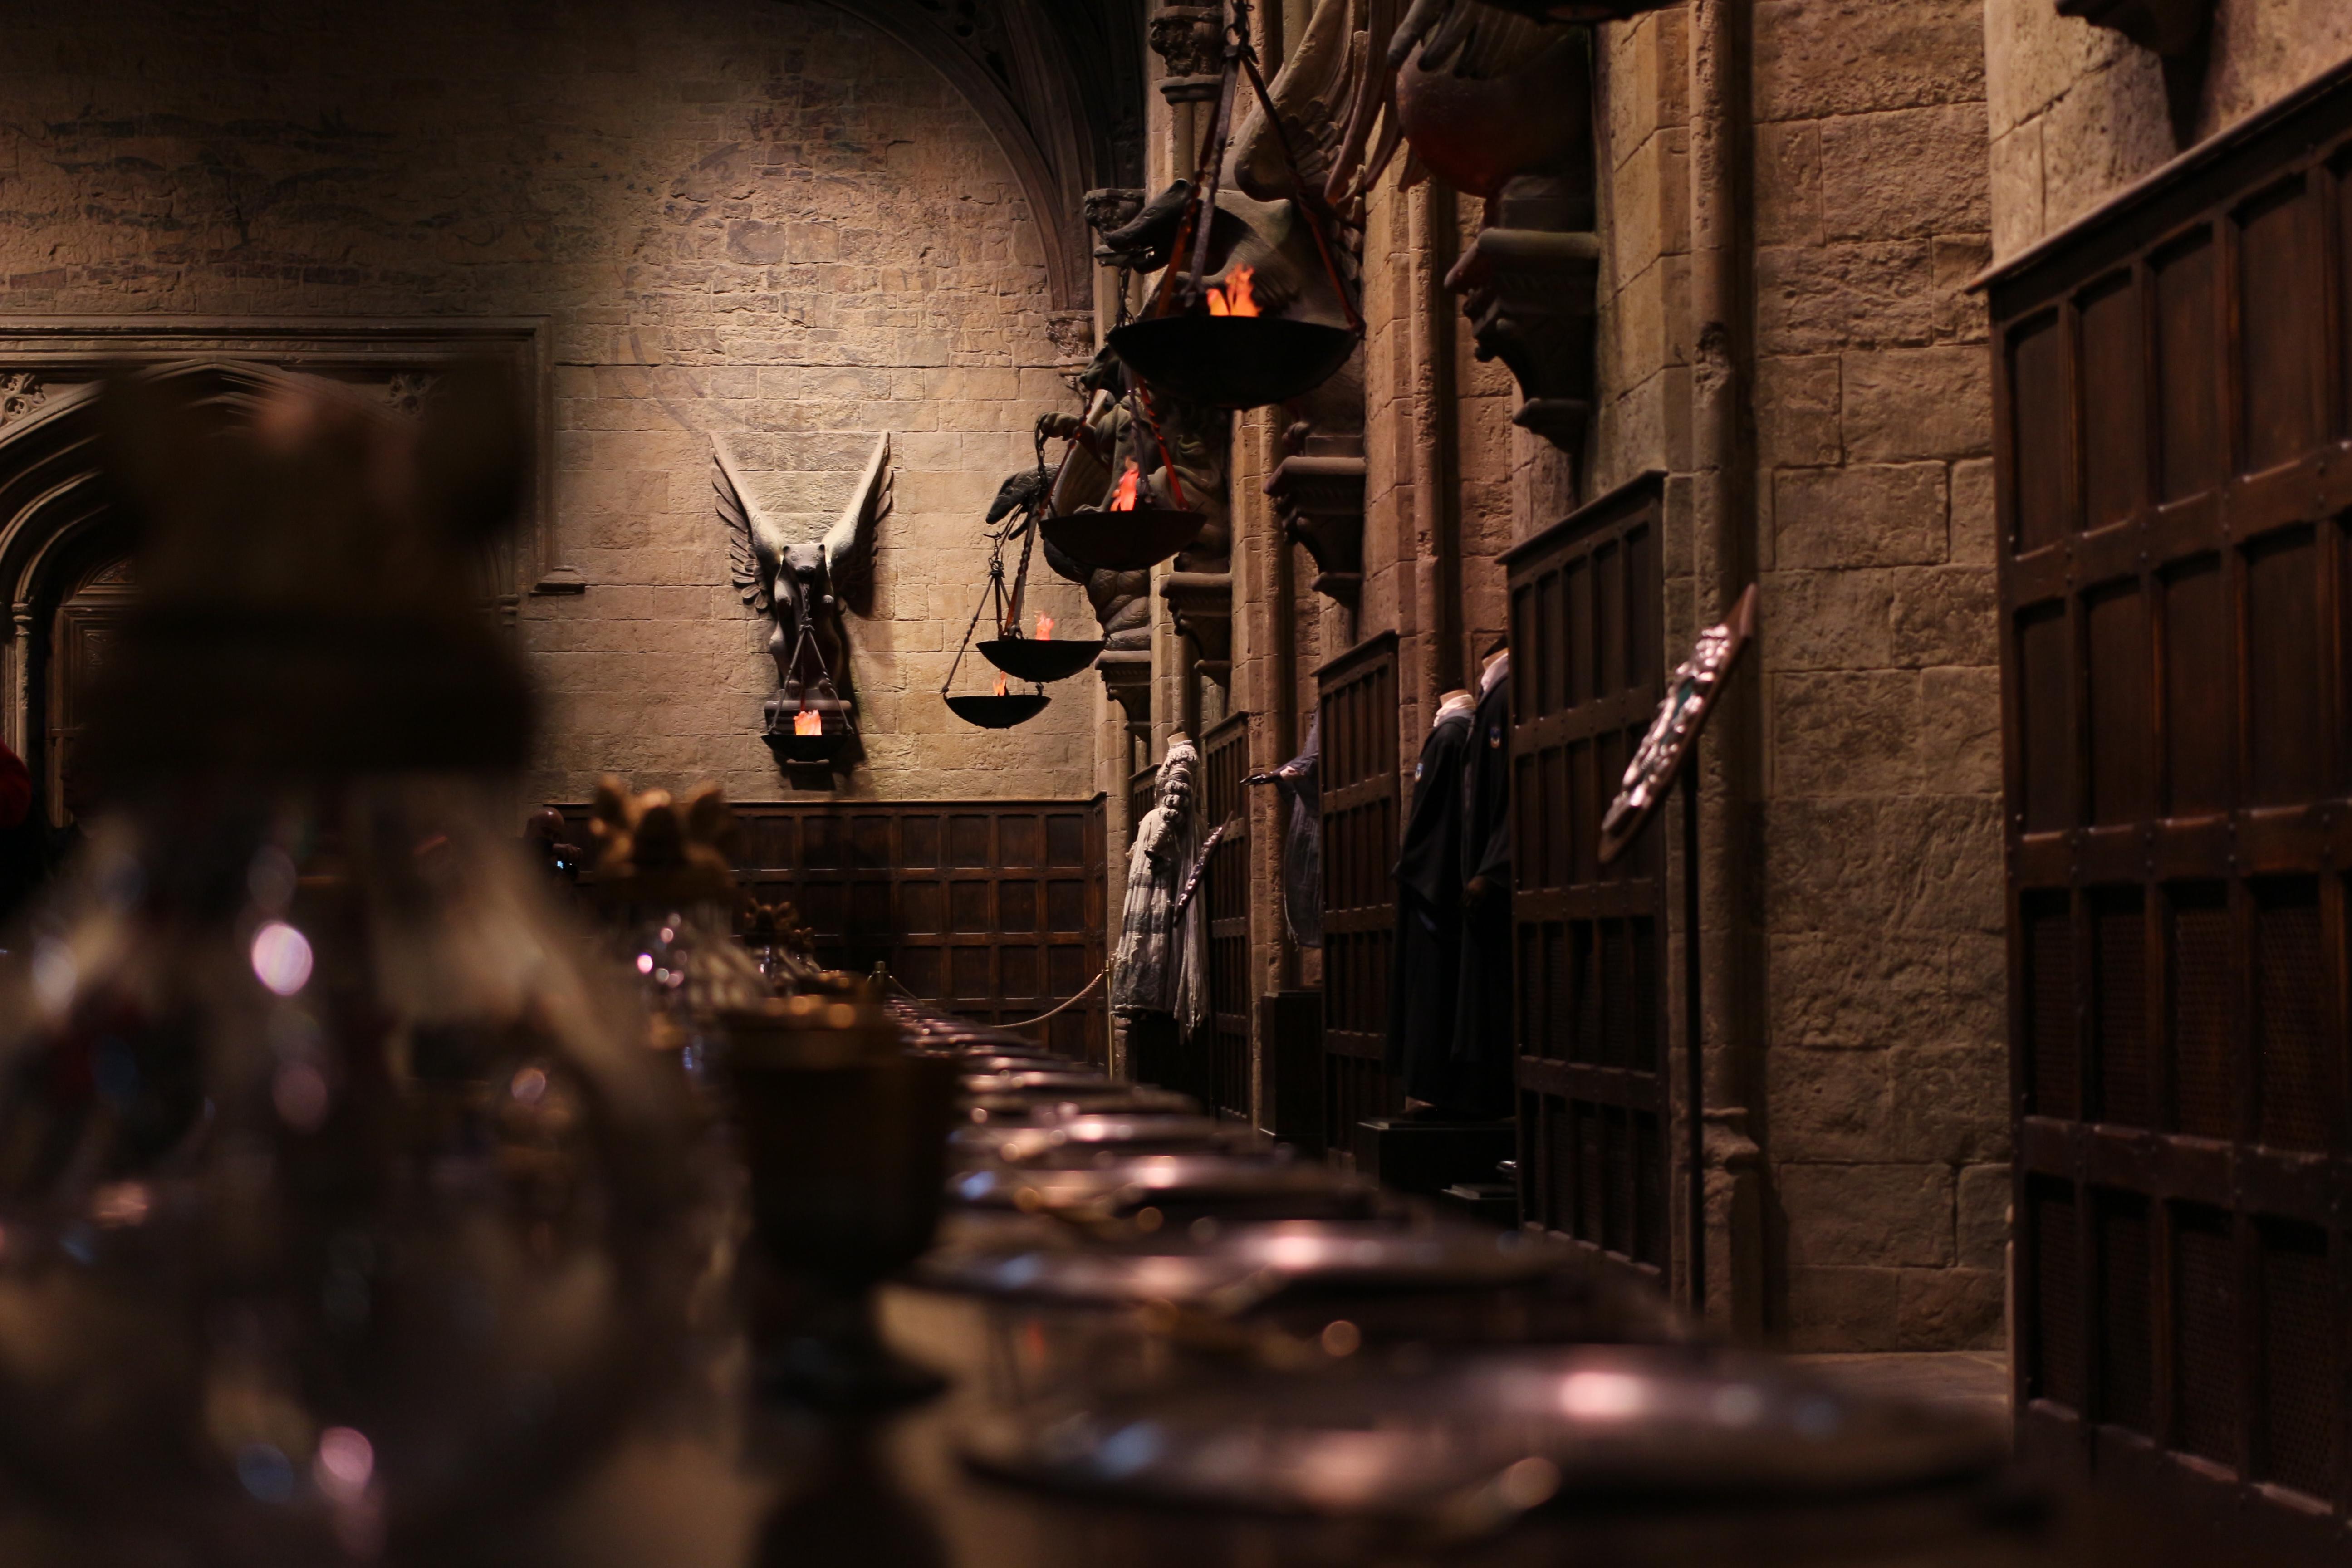 El d a que nos lleg la carta de hogwarts we need jam n for Comedor harry potter